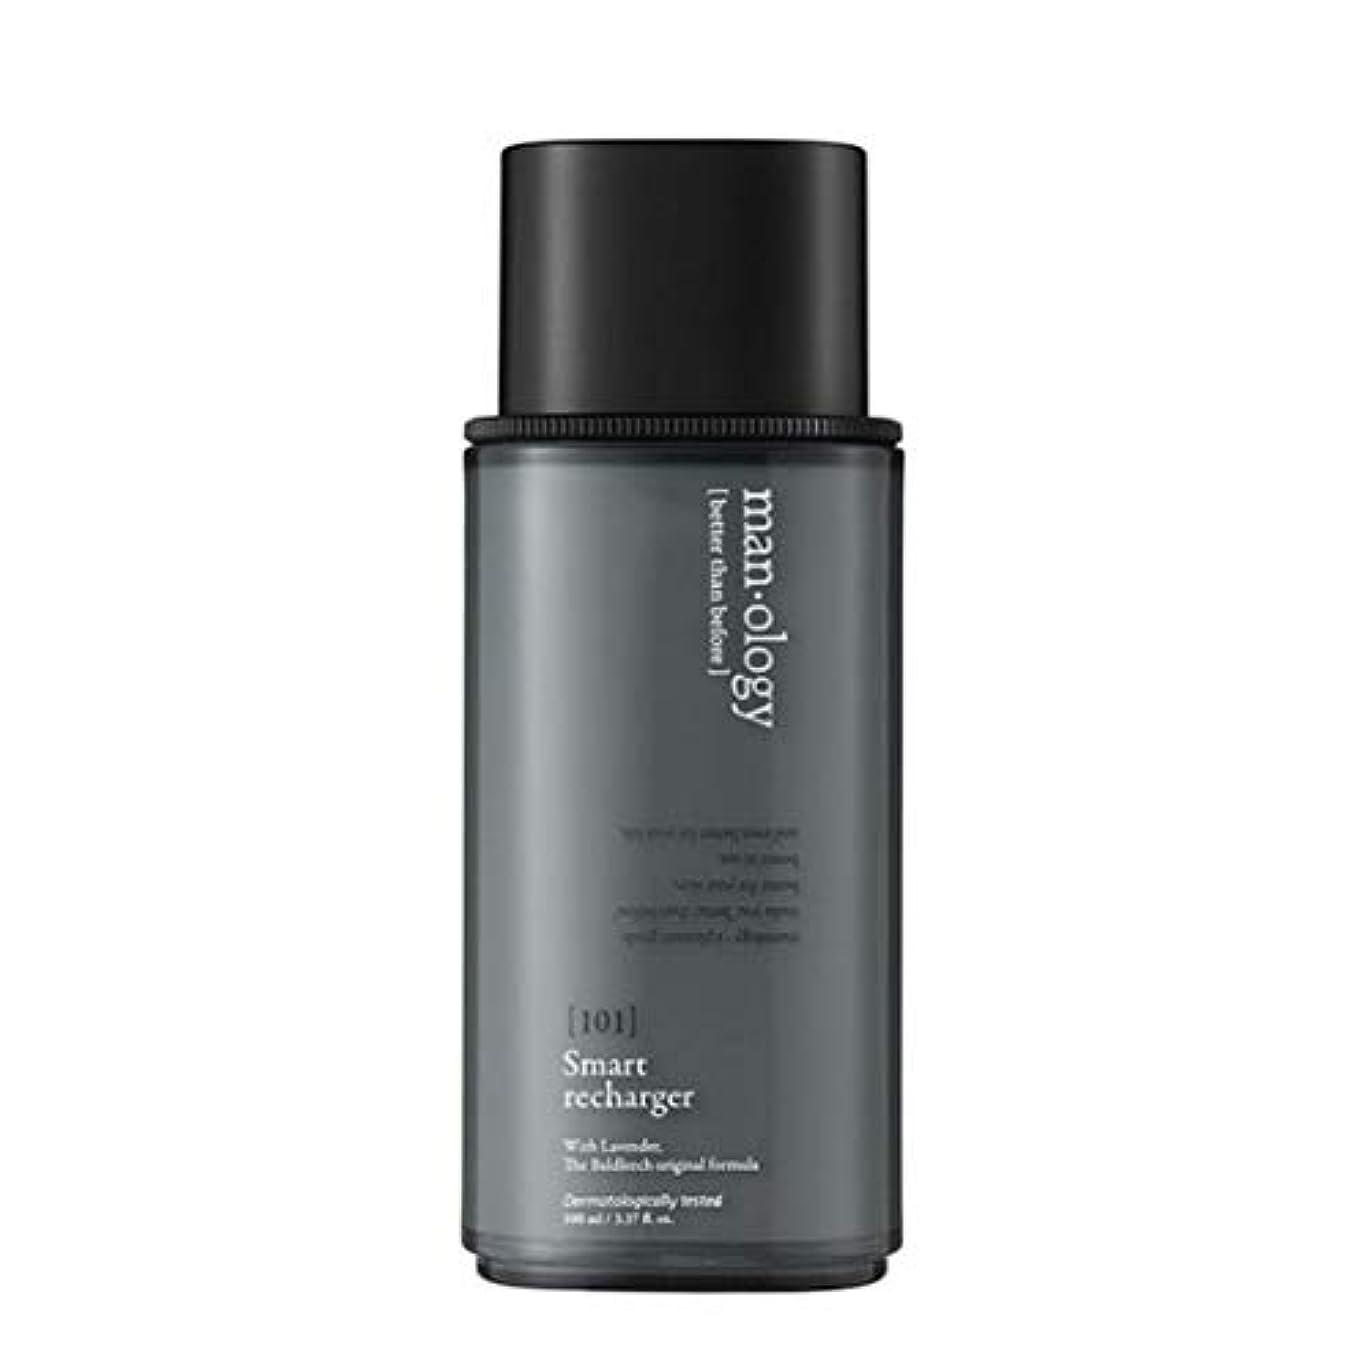 並外れた思春期ケーブルカービリープメンオルロッジ101スマートリチャージャー100mlメンズコスメ韓国コスメ、belif Man Ology 101 Smart Recharger 100ml Men's Cosmetics Korean Cosmetics...